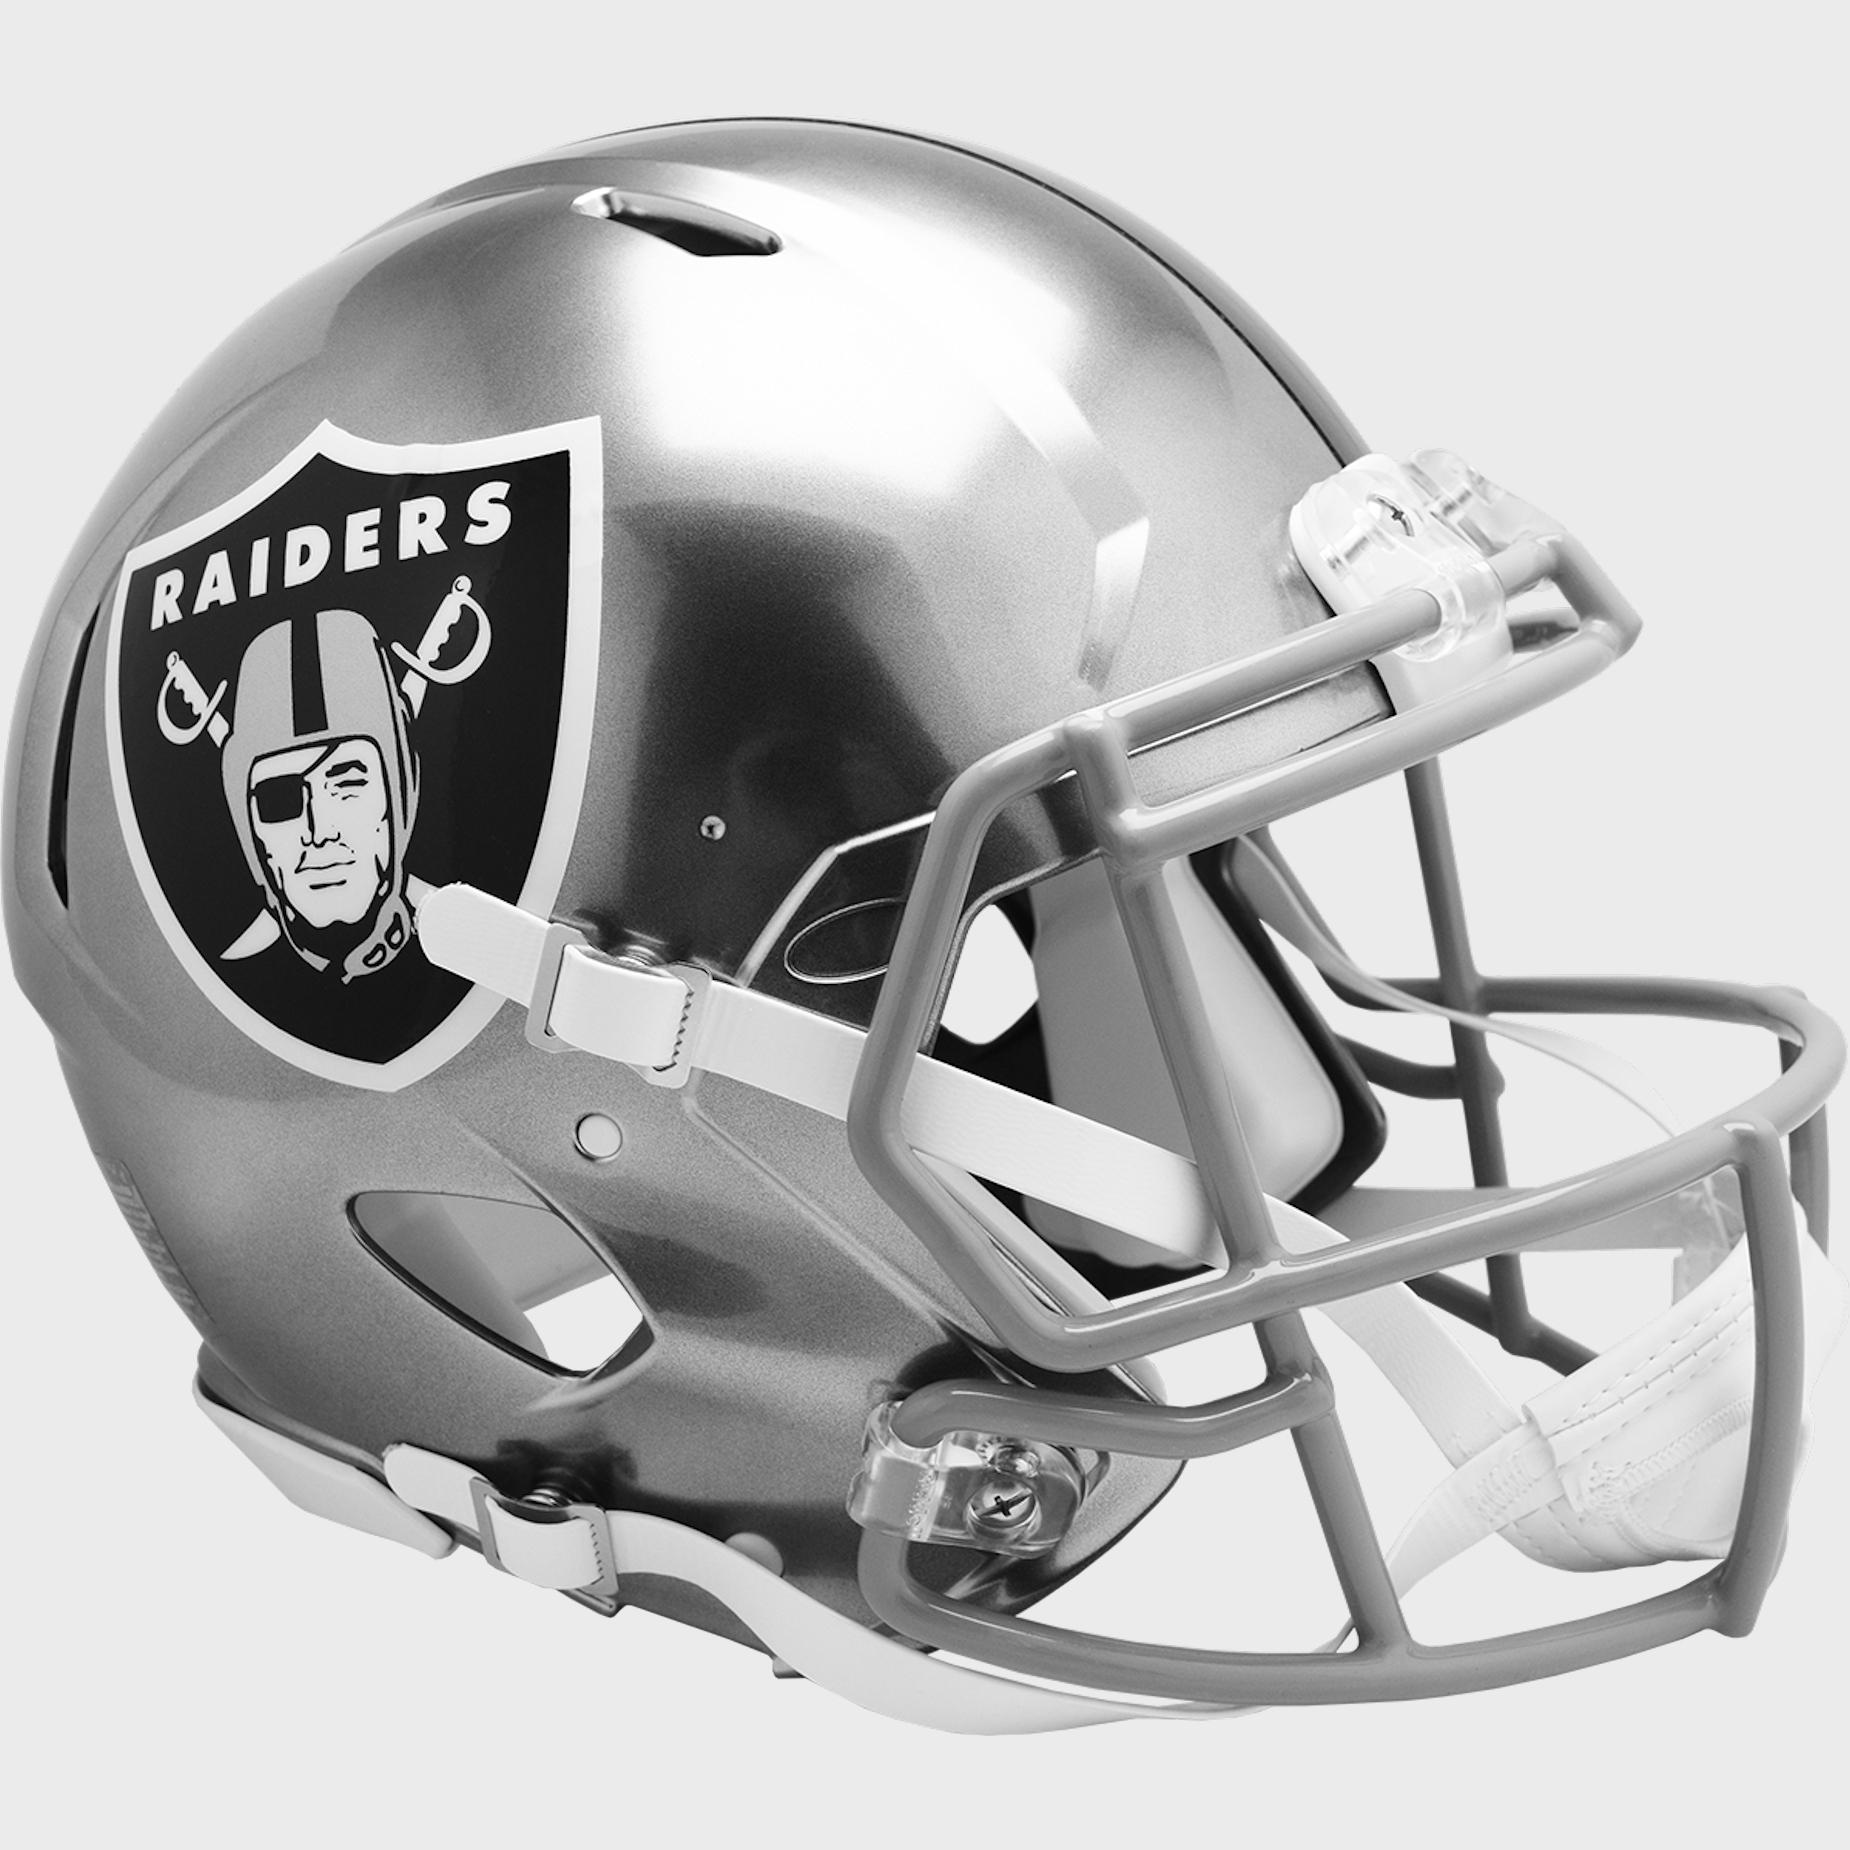 Las Vegas Raiders Speed Football Helmet <B>FLASH ESD 8/21/21</B>